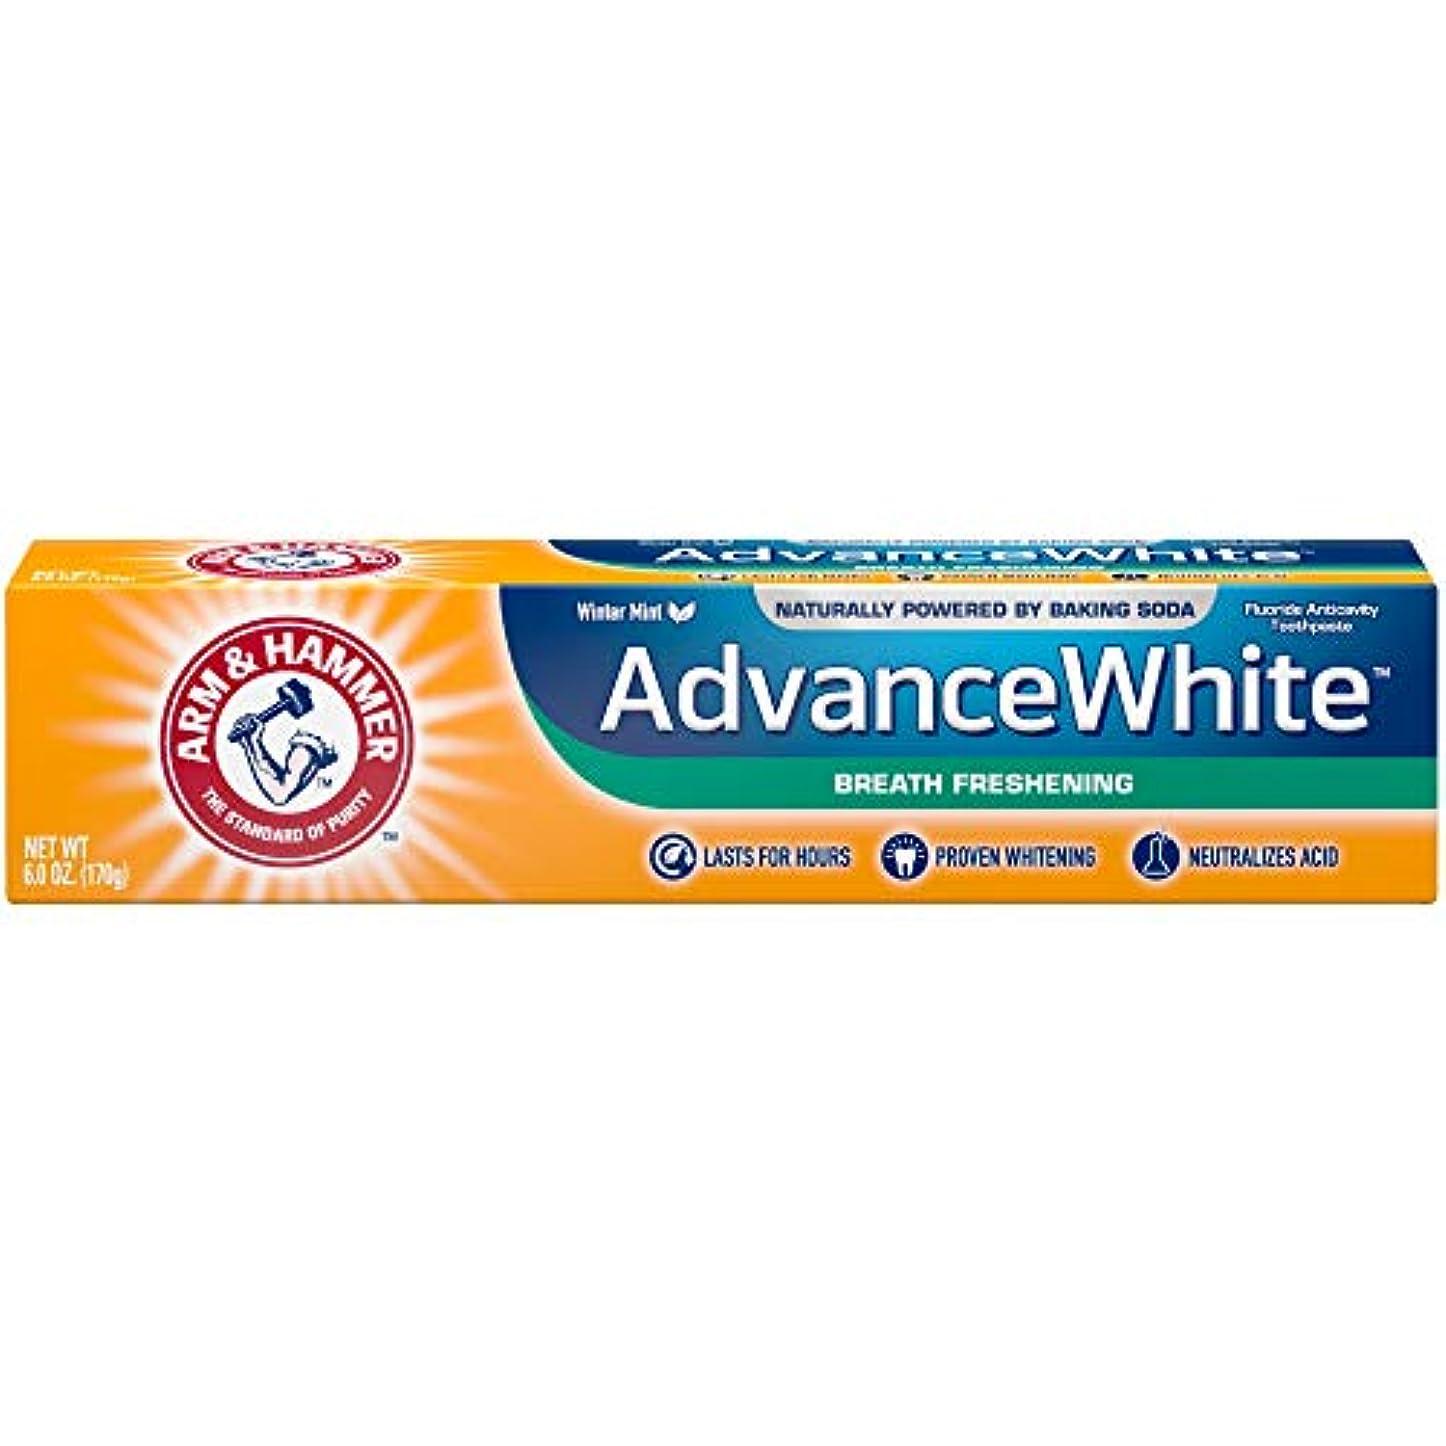 管理者割り当てますコピーアーム&ハマー アドバンス ホワイト 歯磨き粉 ブレス フレッシュニング 170g Advance White Breath Freshing Baking Soda & Frosted Mint